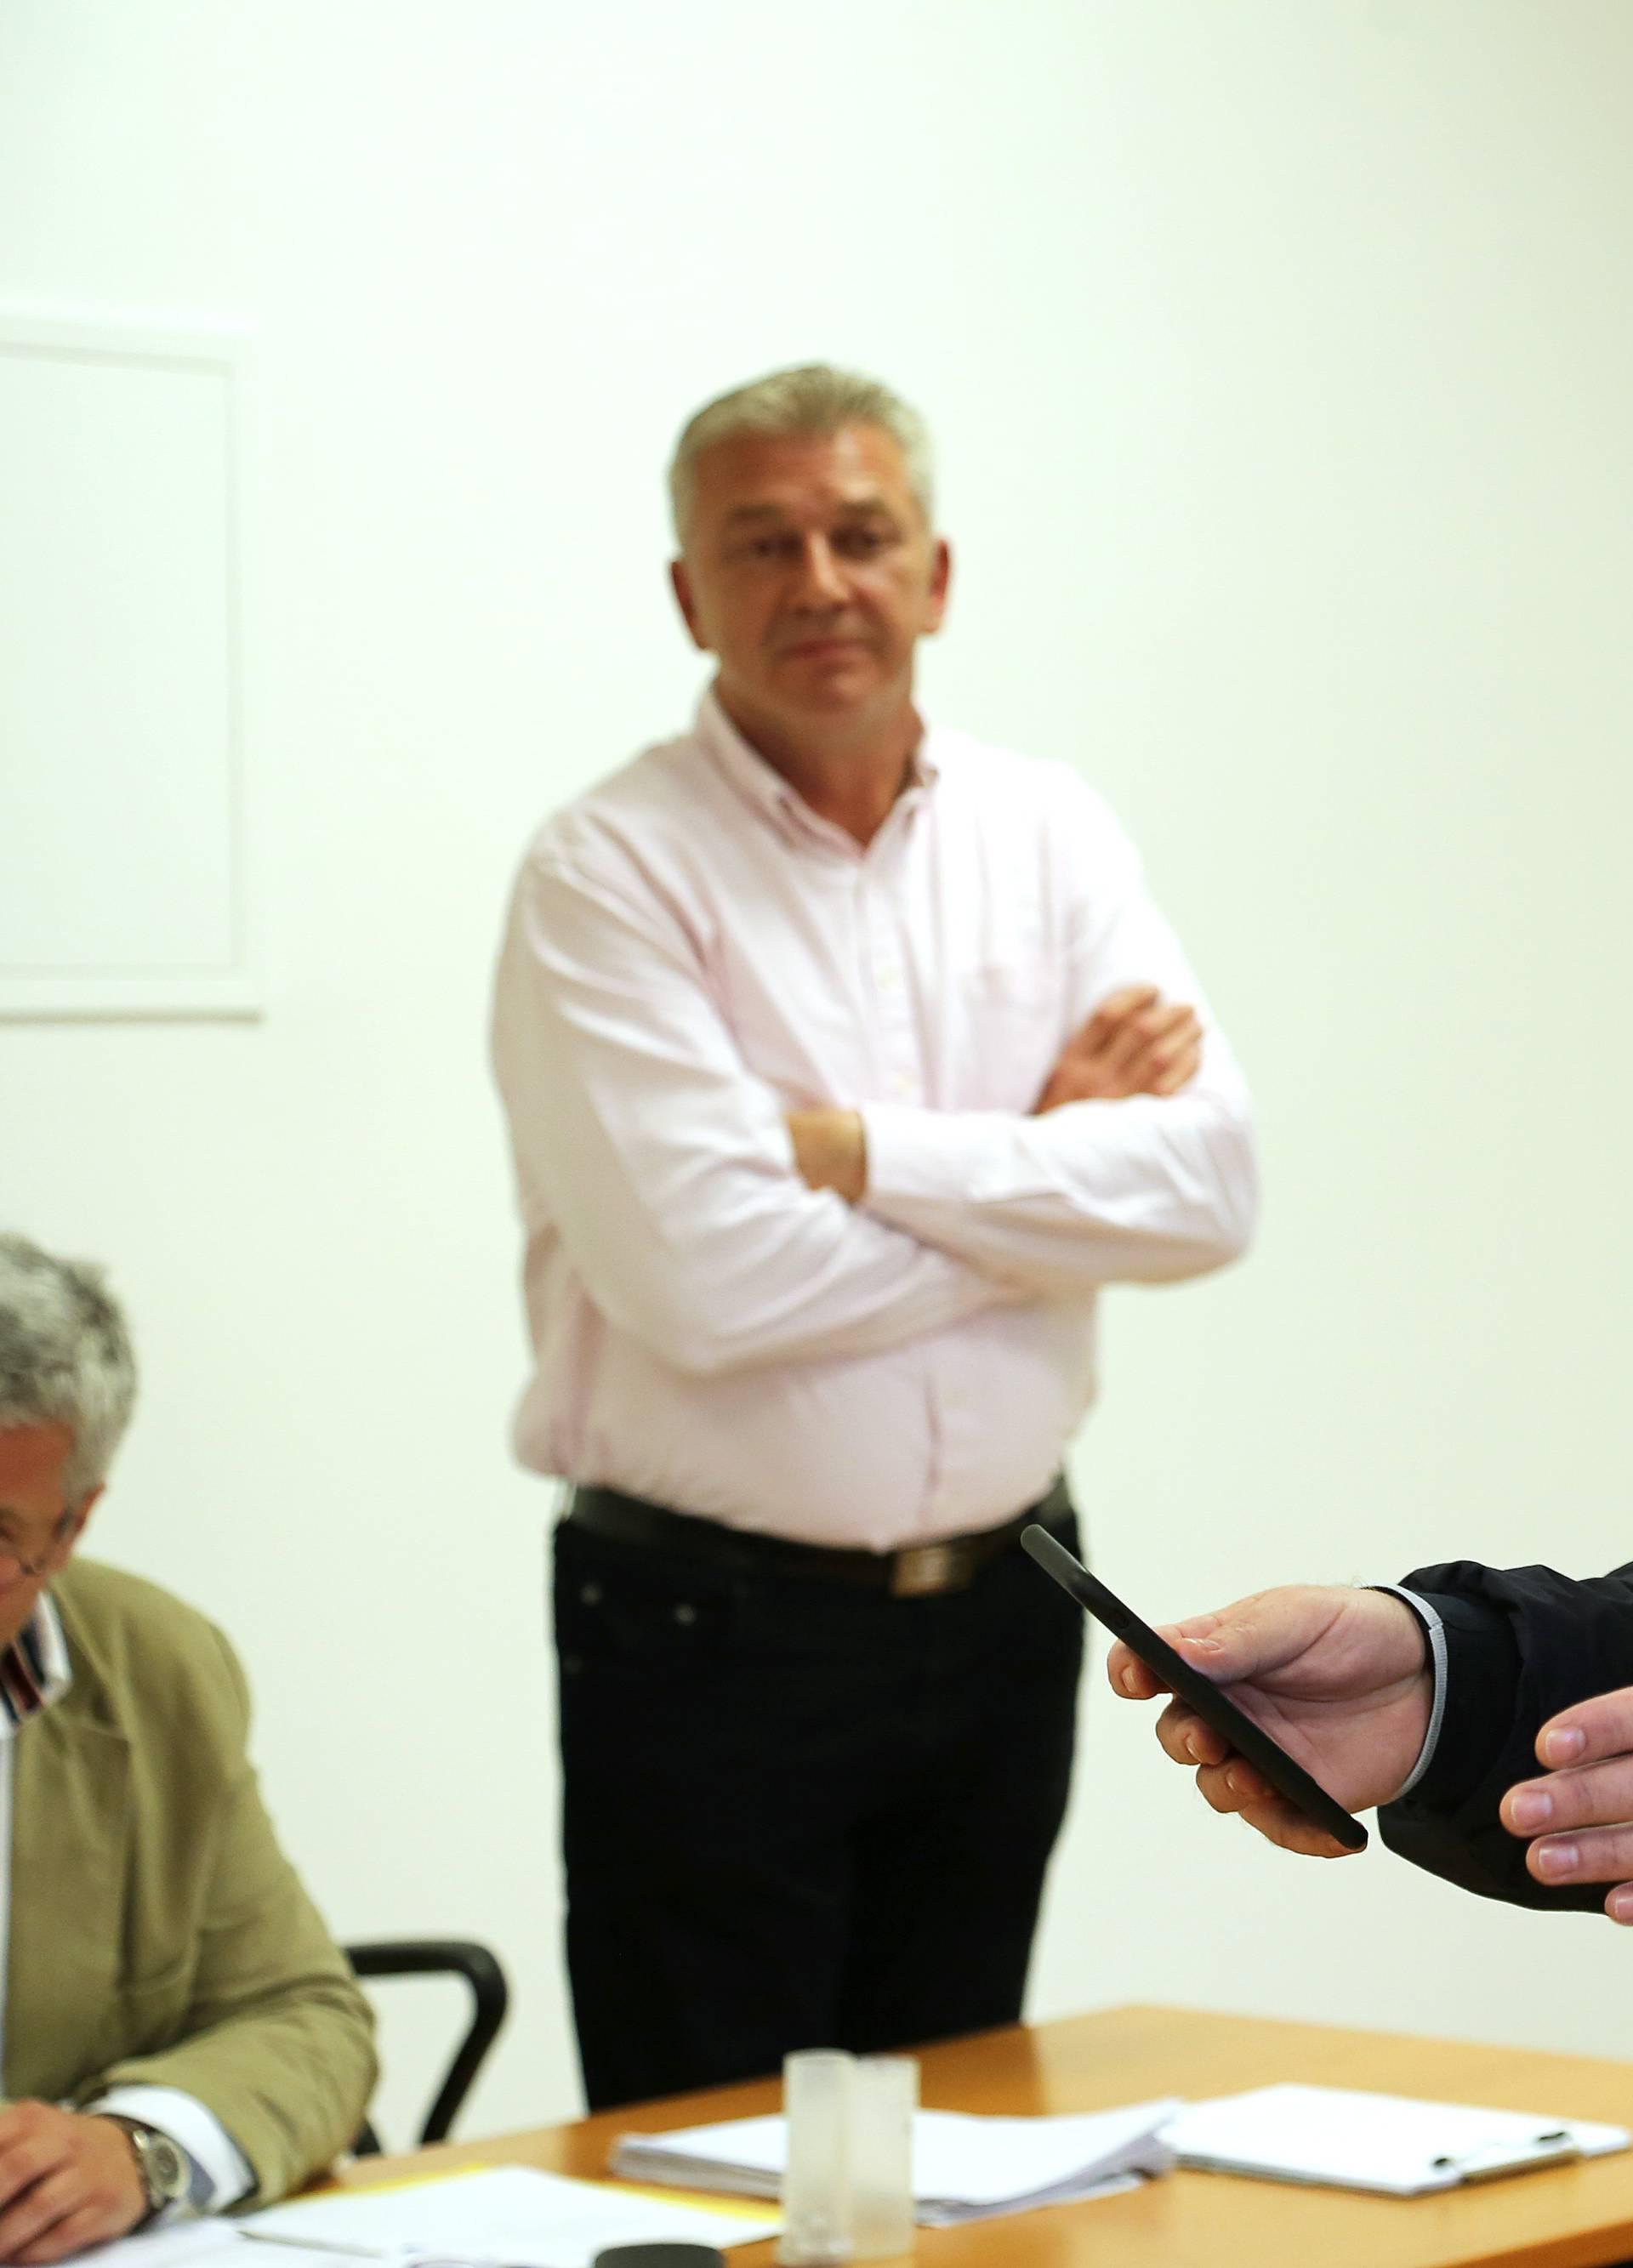 Portal NewsBar mora Bujancu platiti 12.000 kuna zbog satire